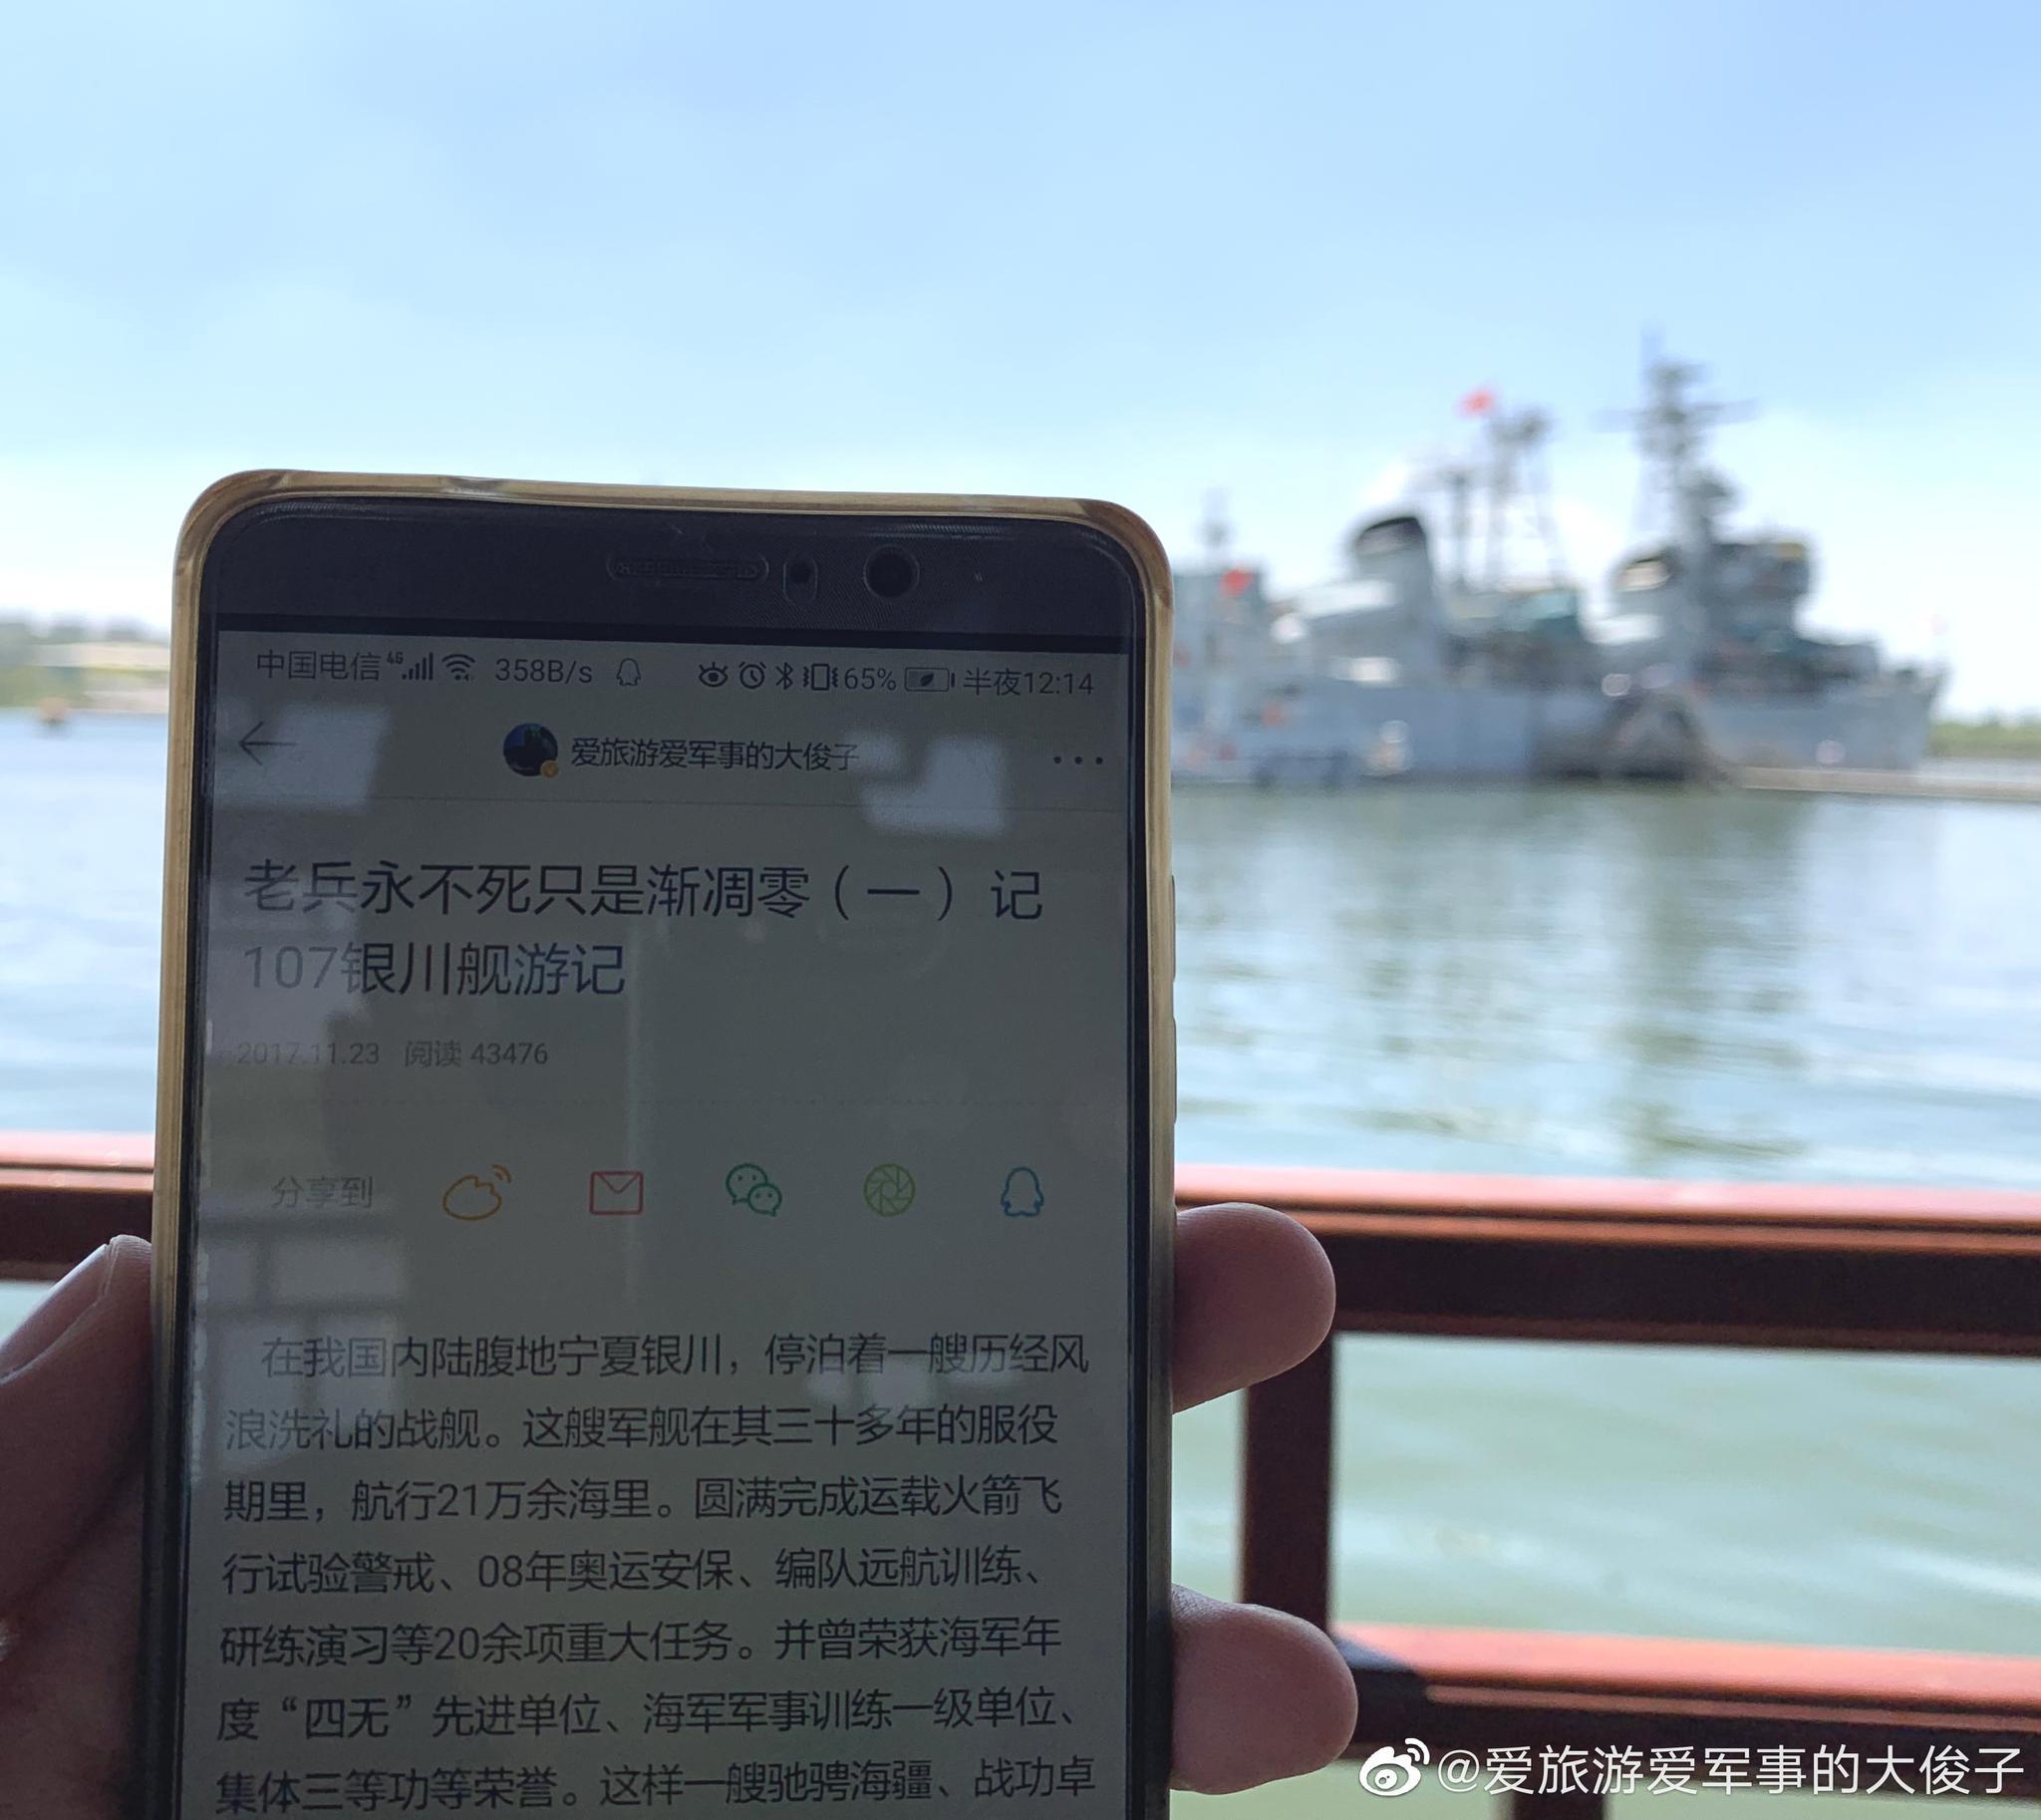 时隔6年再次登上107银川舰,尽管气势不减当年